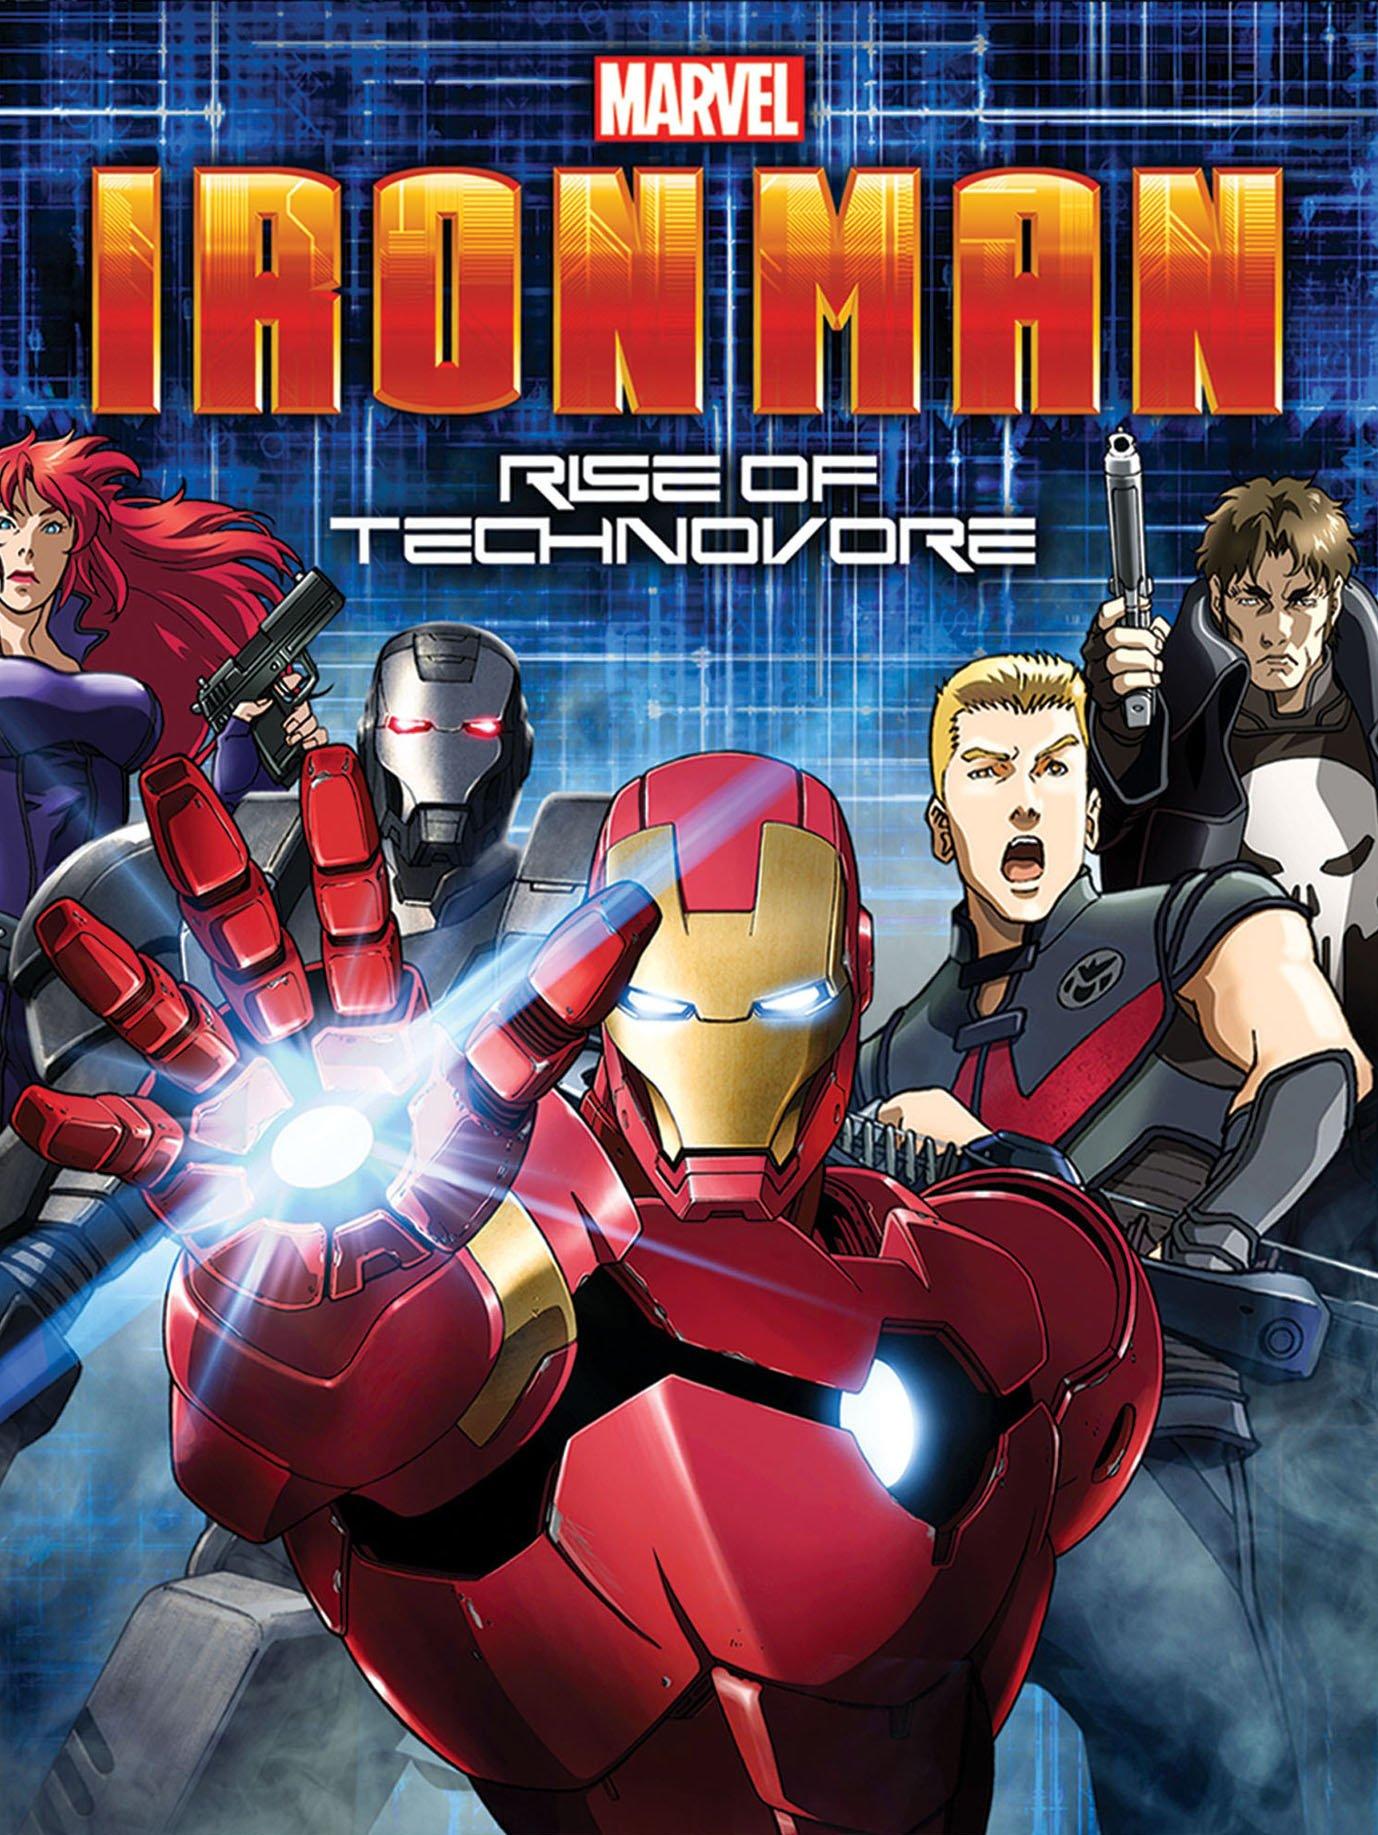 რკინის კაცი: ტექნოვორის აღზევება / Iron Man: Rise of Technovore